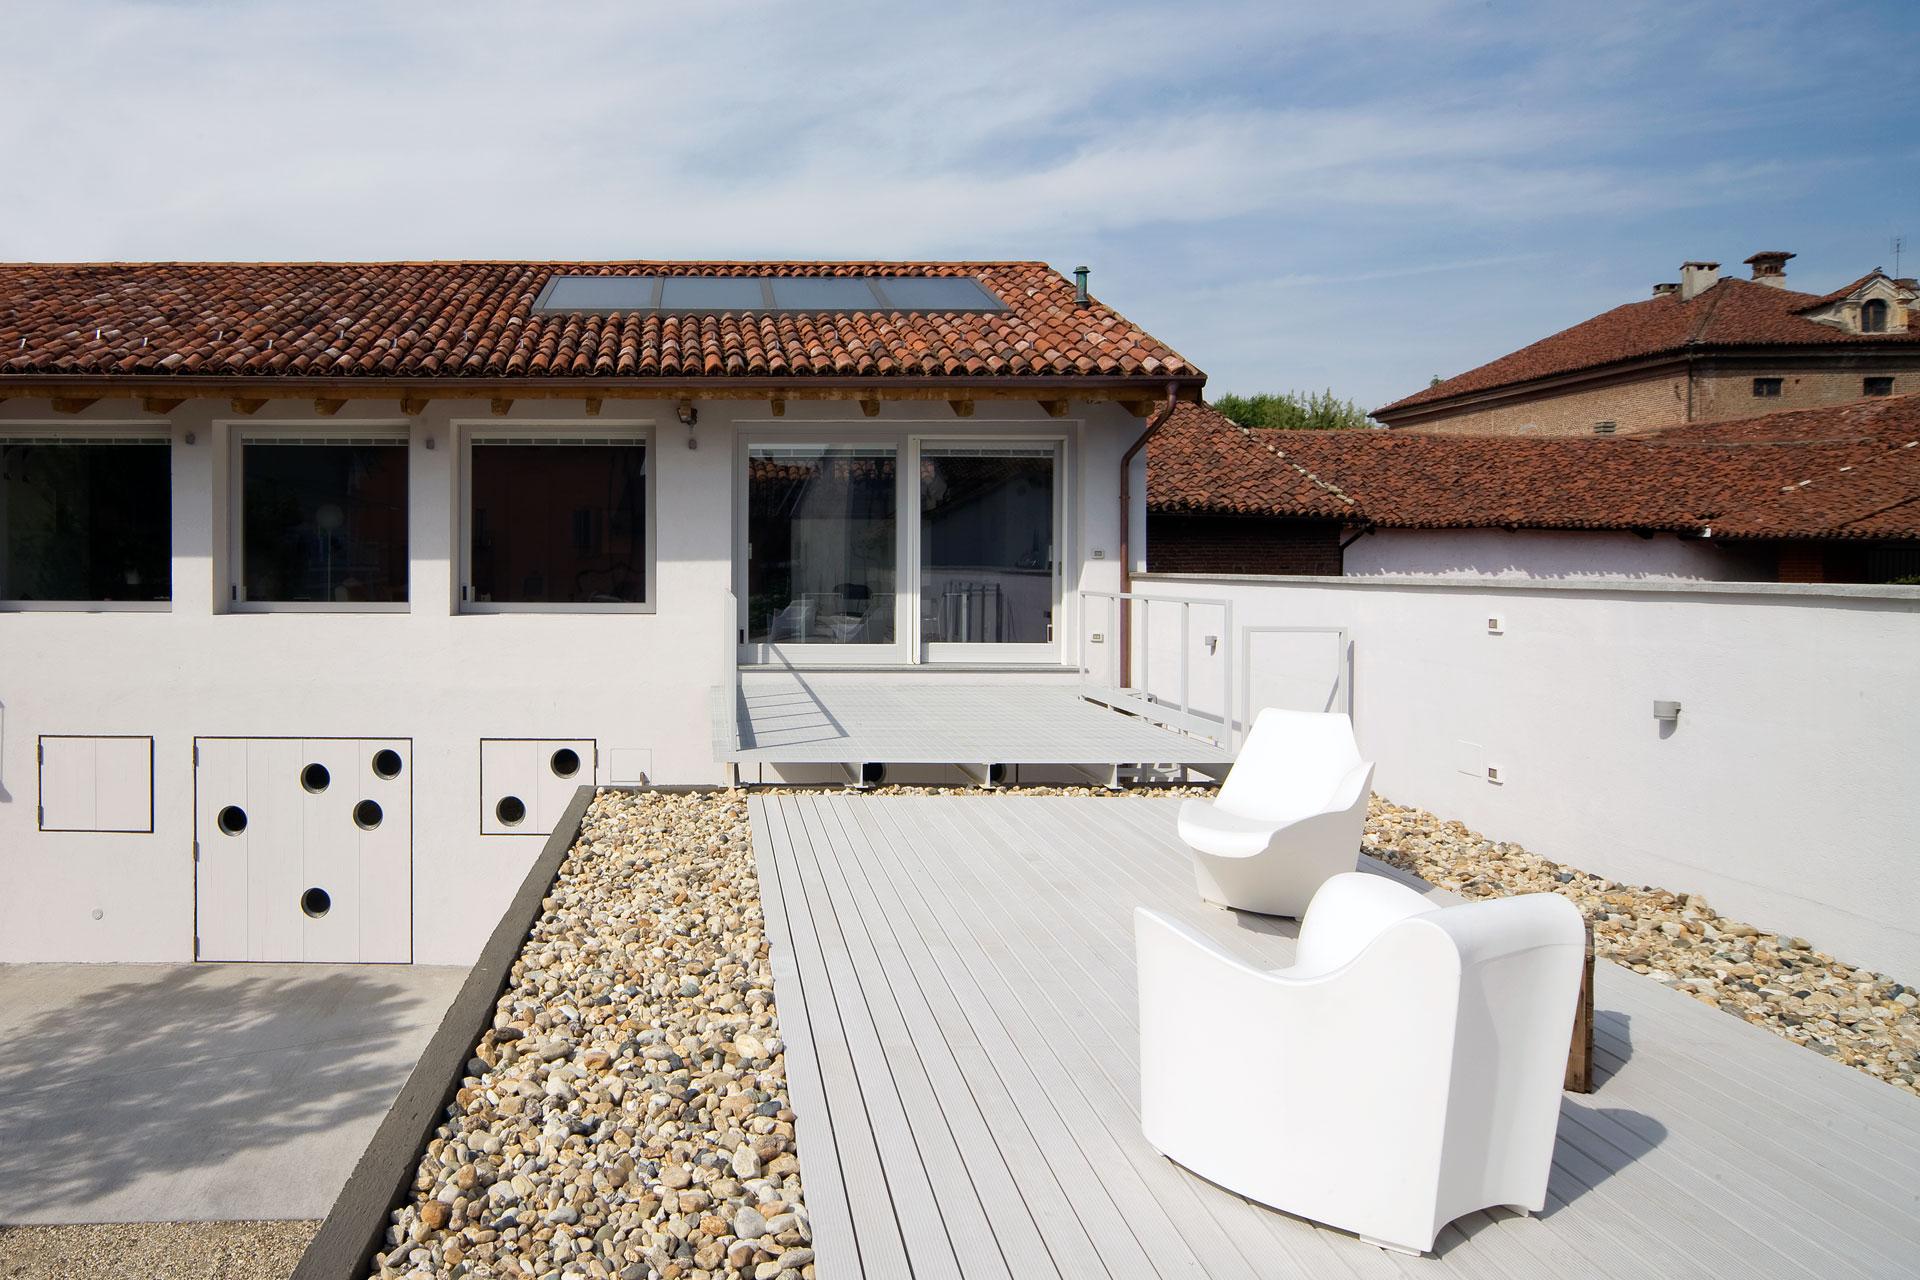 Casa con tetto in legno interesting la camera da letto in - Condensa in casa nuova costruzione ...